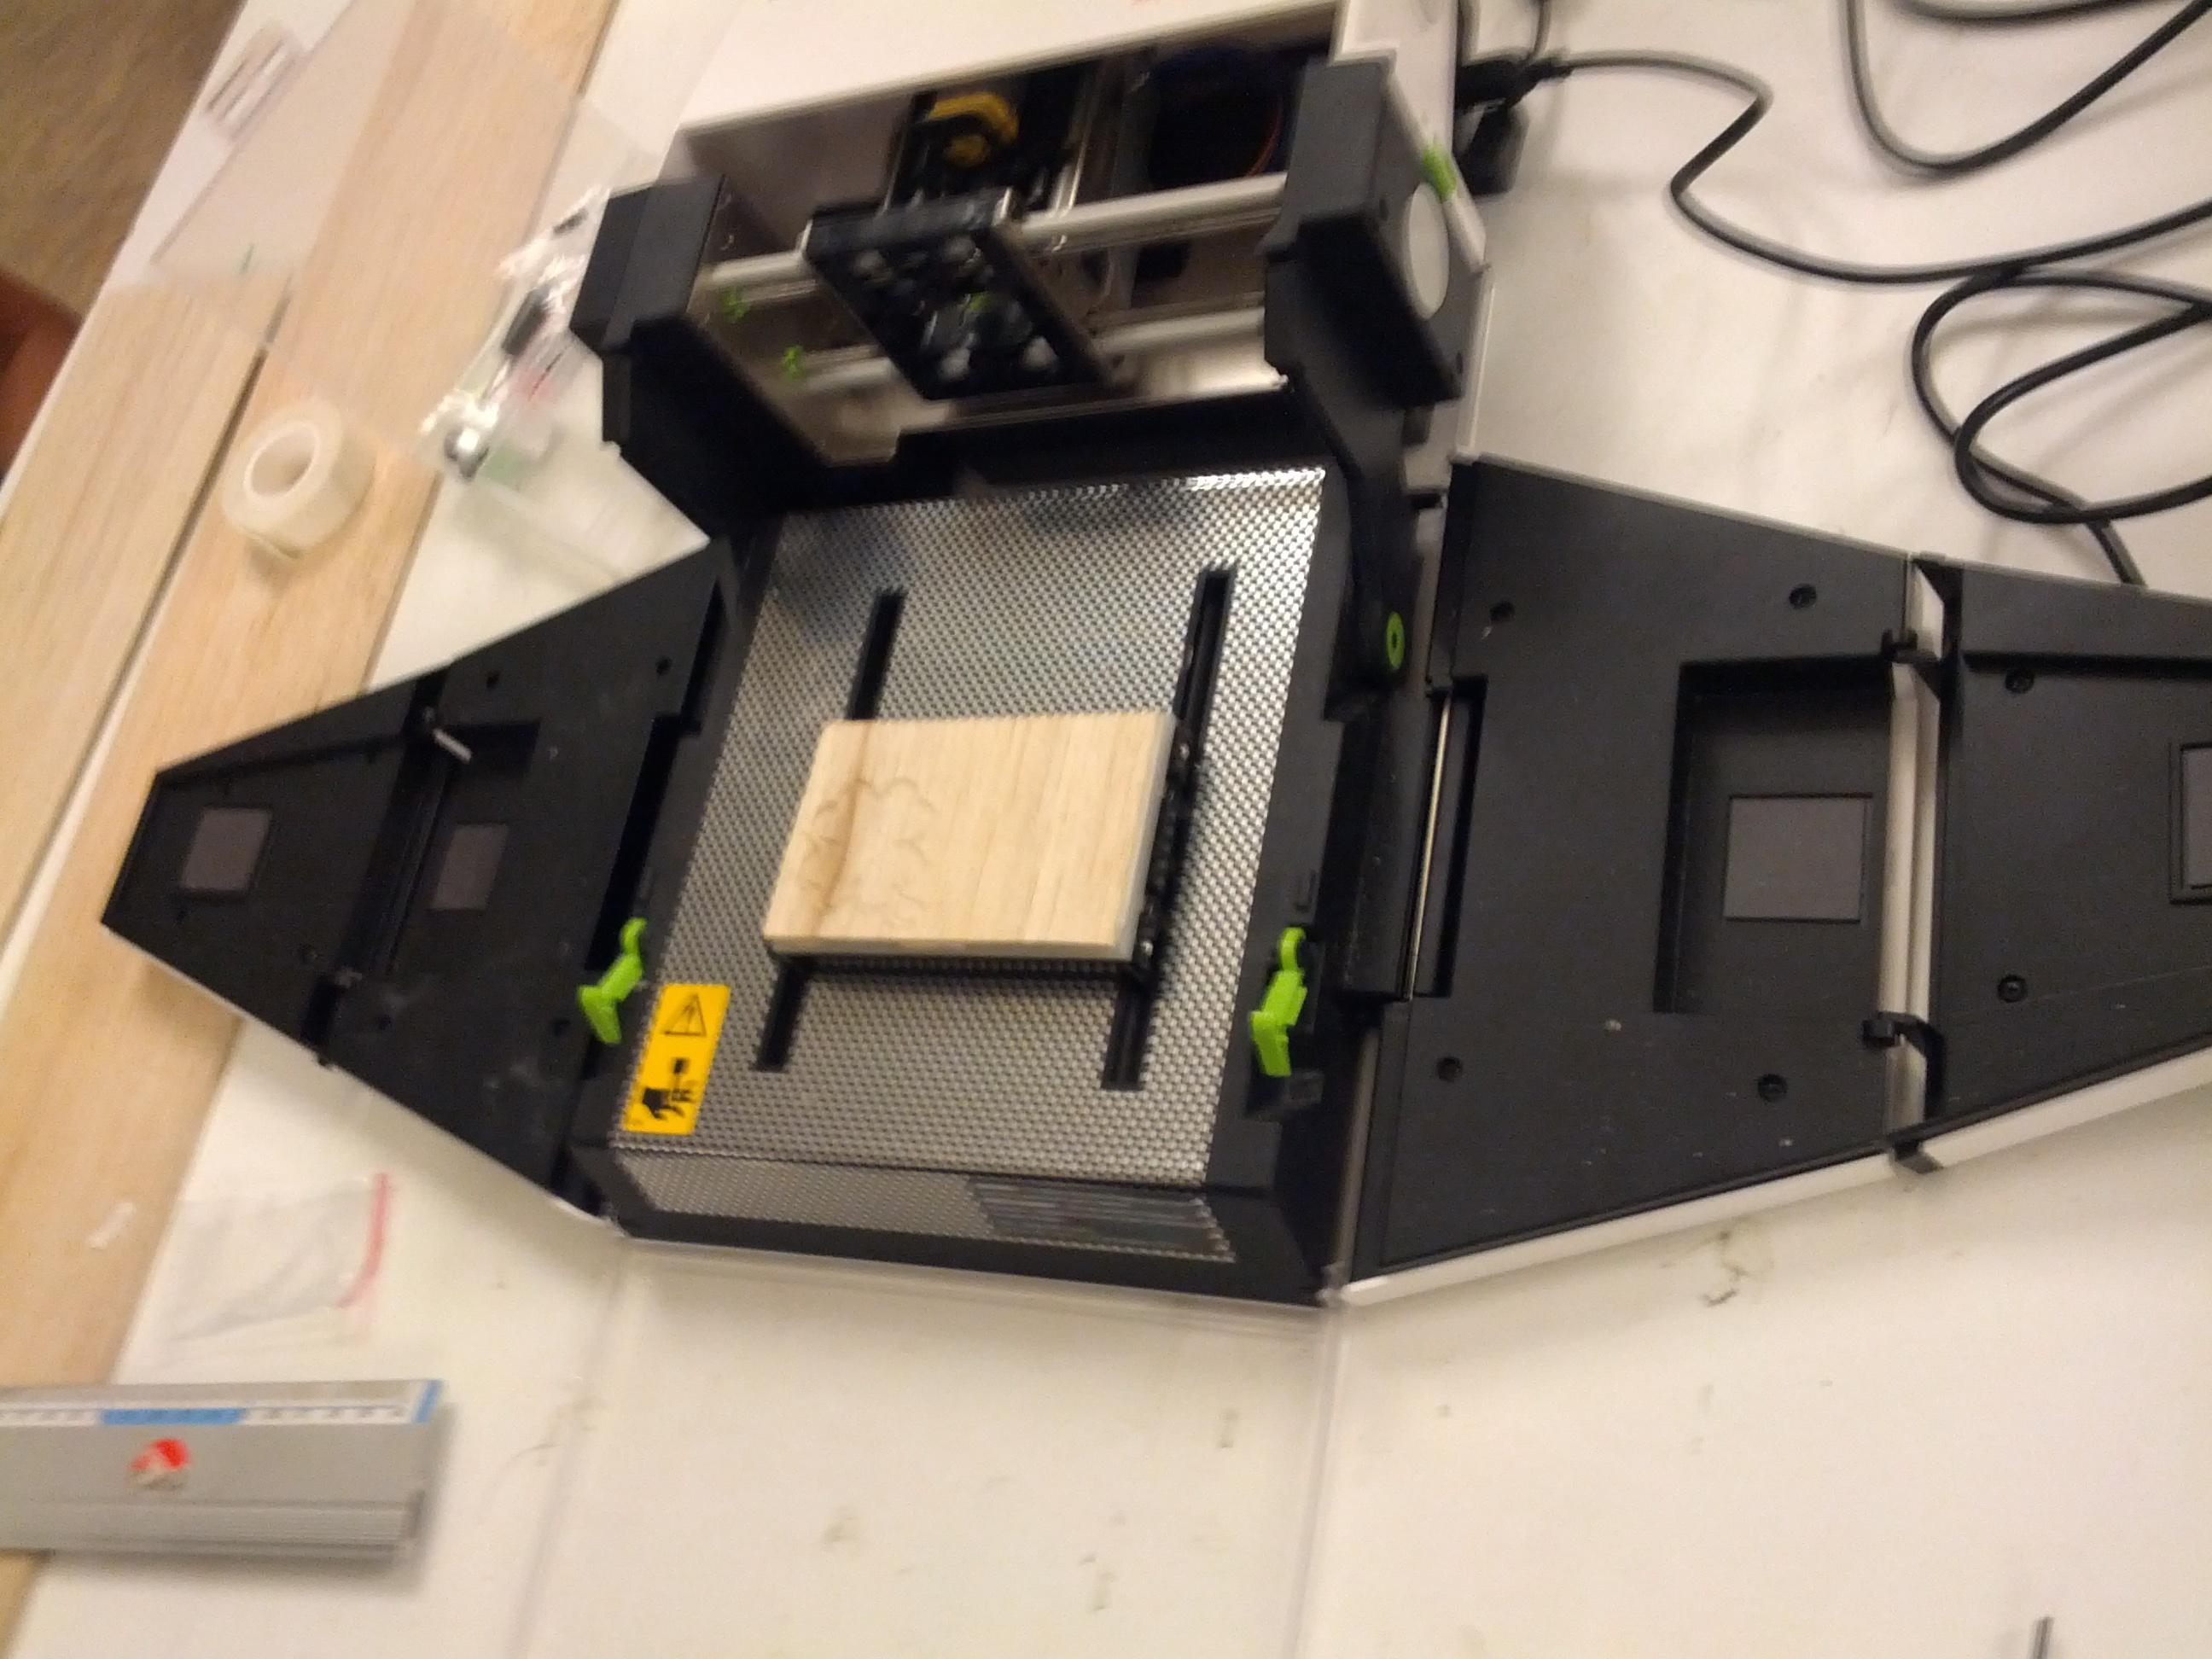 Formación impresora 3d en MADE makerspace